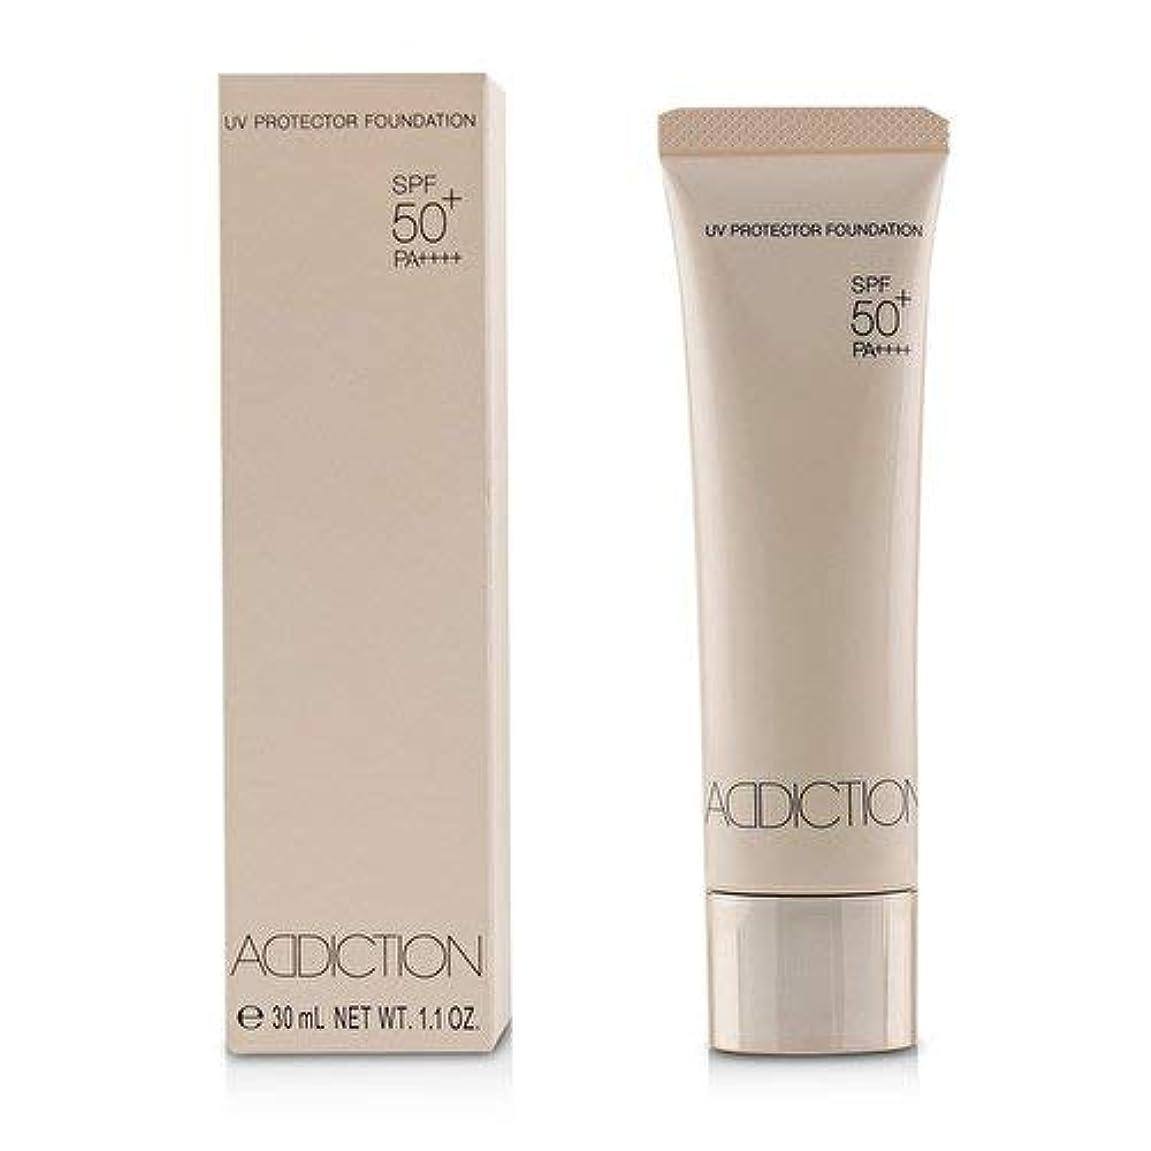 欲しいです立ち向かう髄アディクション UVプロテクターファンデーション # 005 (Nude Ivory)